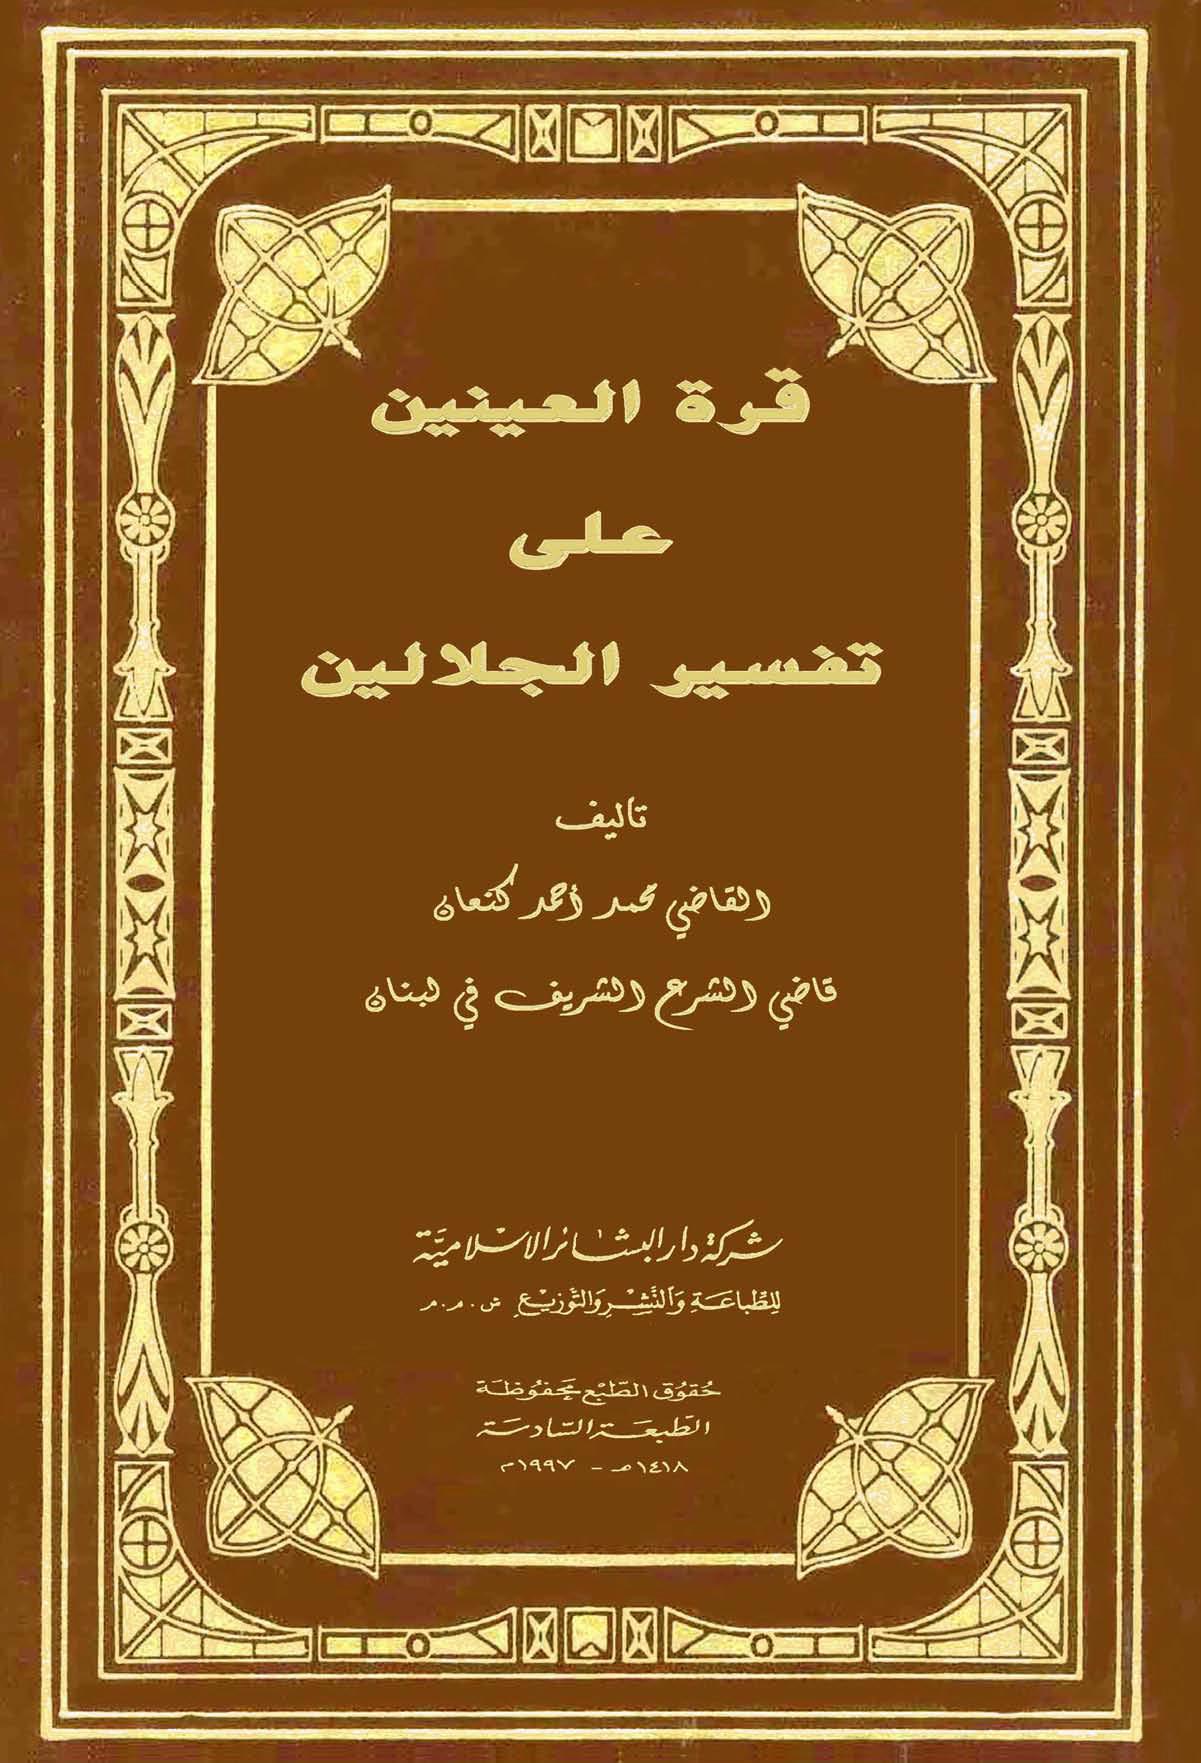 تحميل كتاب قرة العينين على تفسير الجلالين لـِ: الدكتور محمد أحمد كنعان (ت 1432)